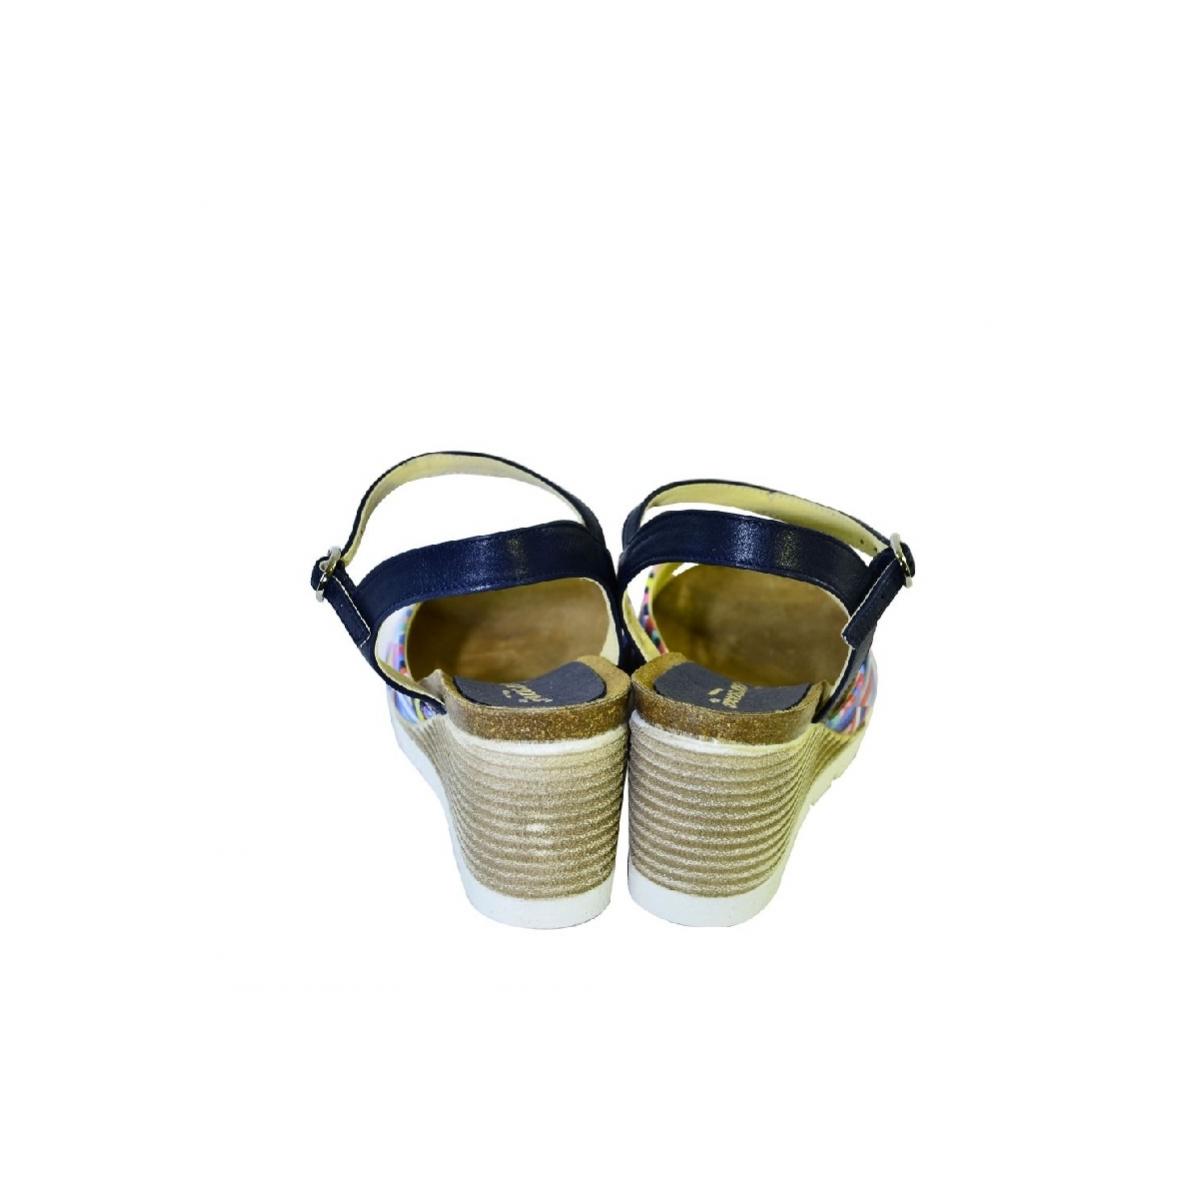 b4019fd1bae5 Farebné kožené sandále na klinovom opätku Carsona TARA - 5